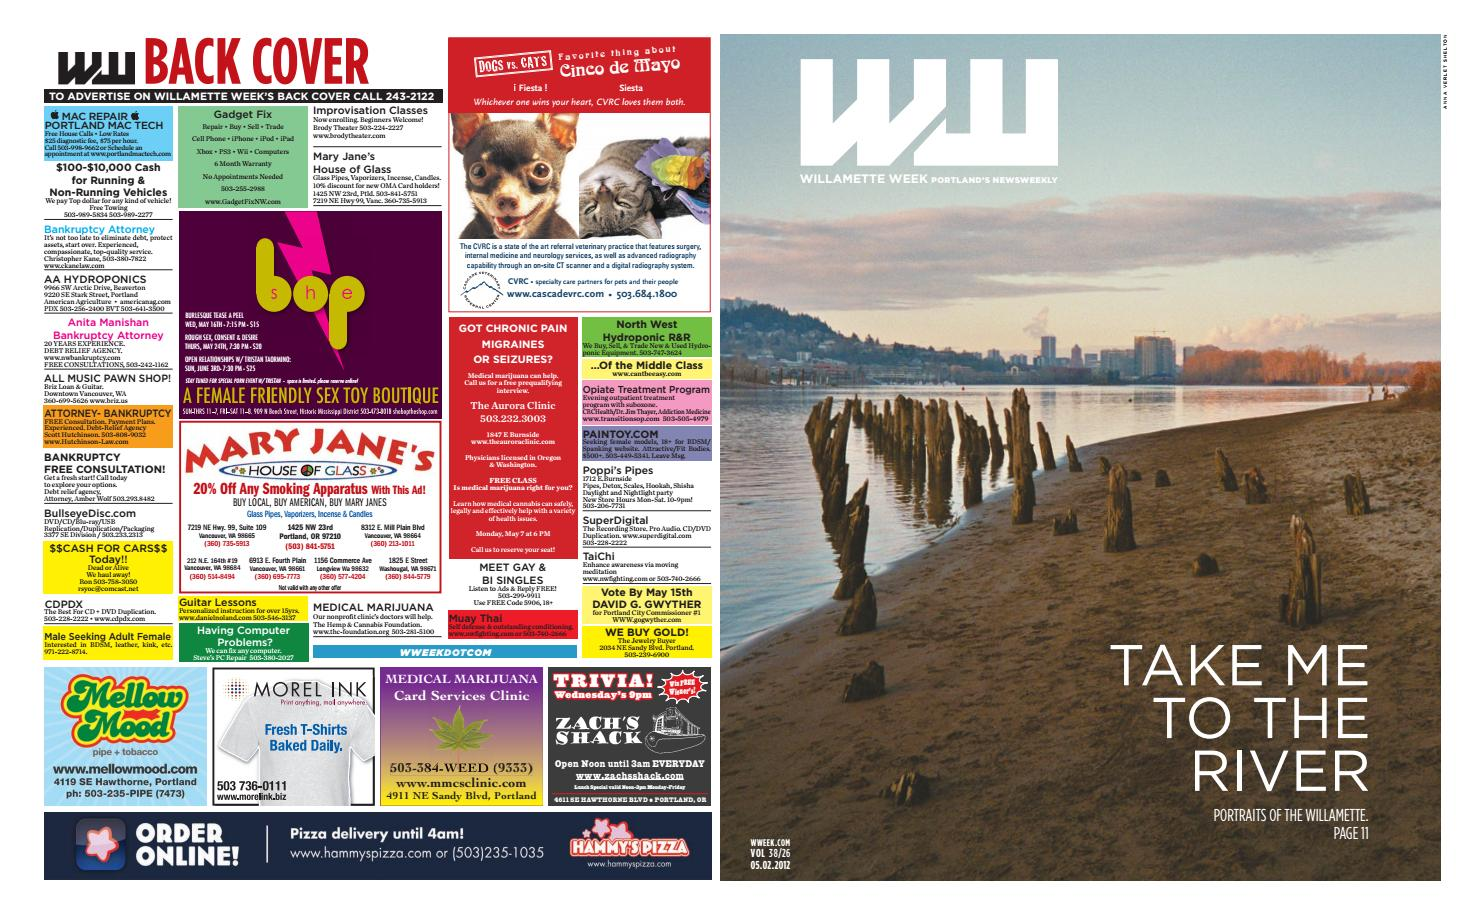 38 26 willamette week, may 2, 2012 by Willamette Week Newspaper - issuu